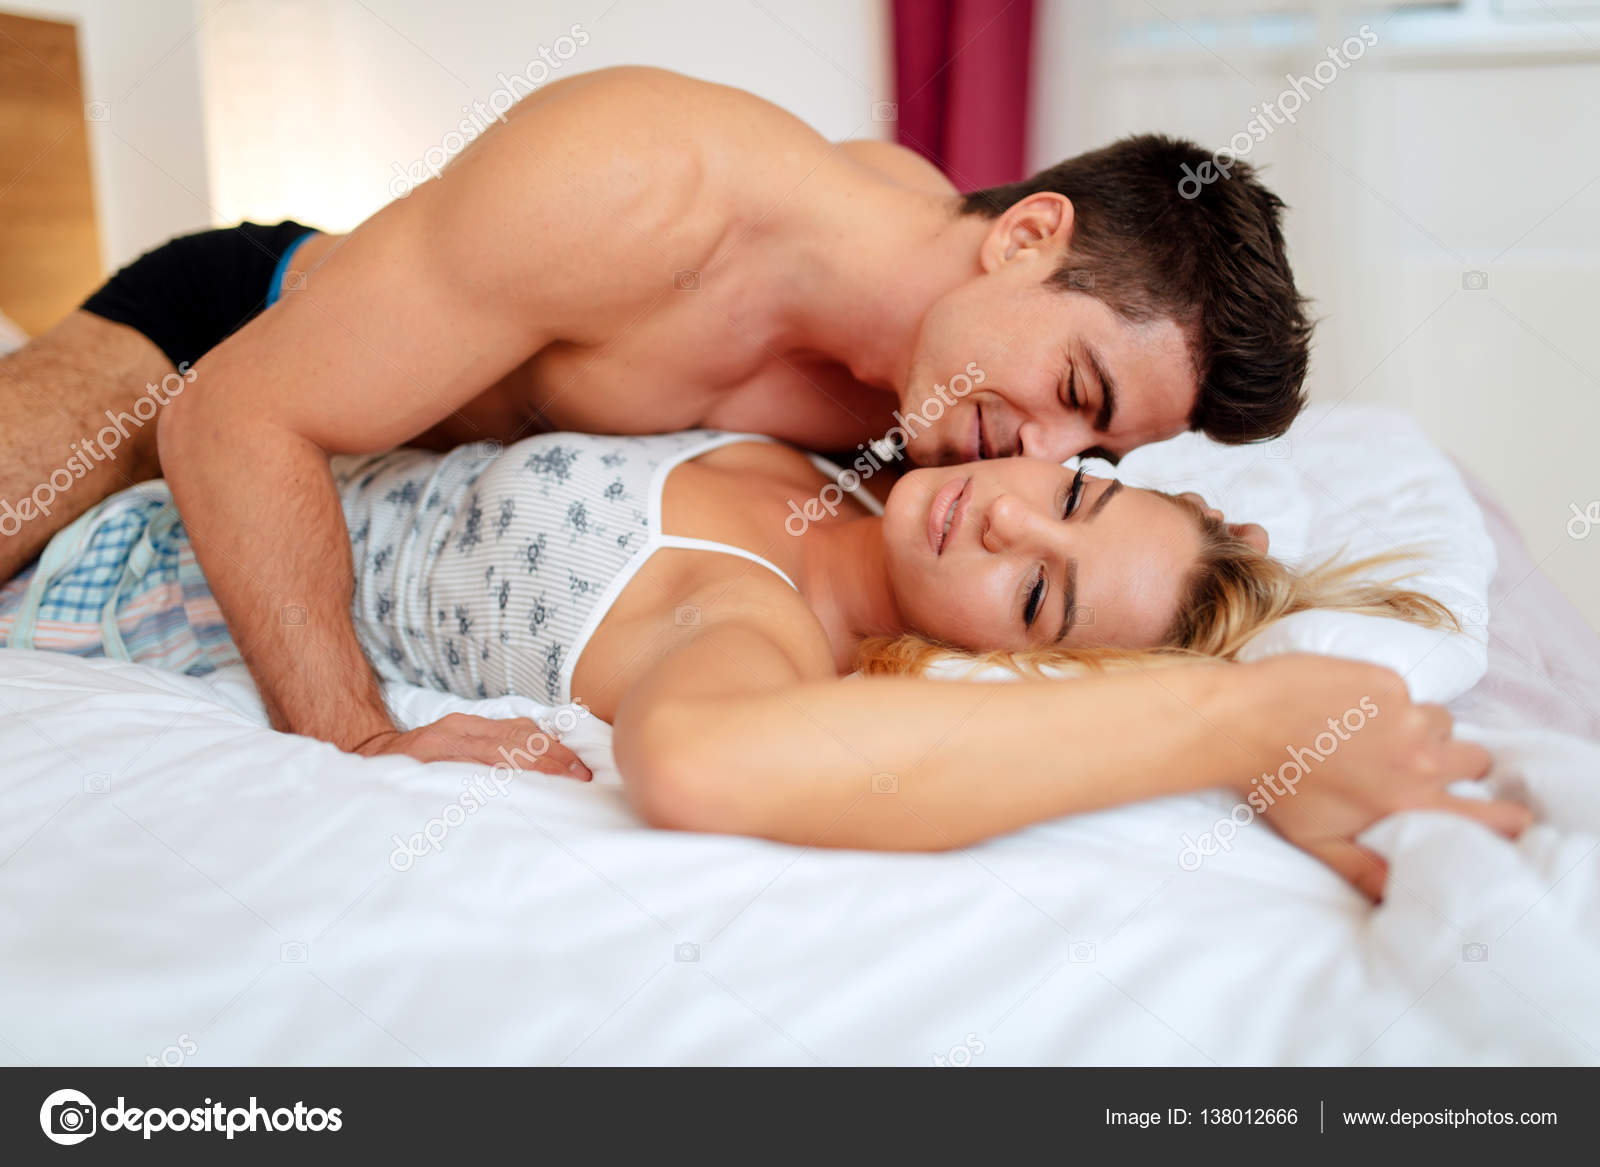 Семья занимается сексом смотреть онлайн, Семейное порно русских пар смотреть онлайн бесплатно 12 фотография